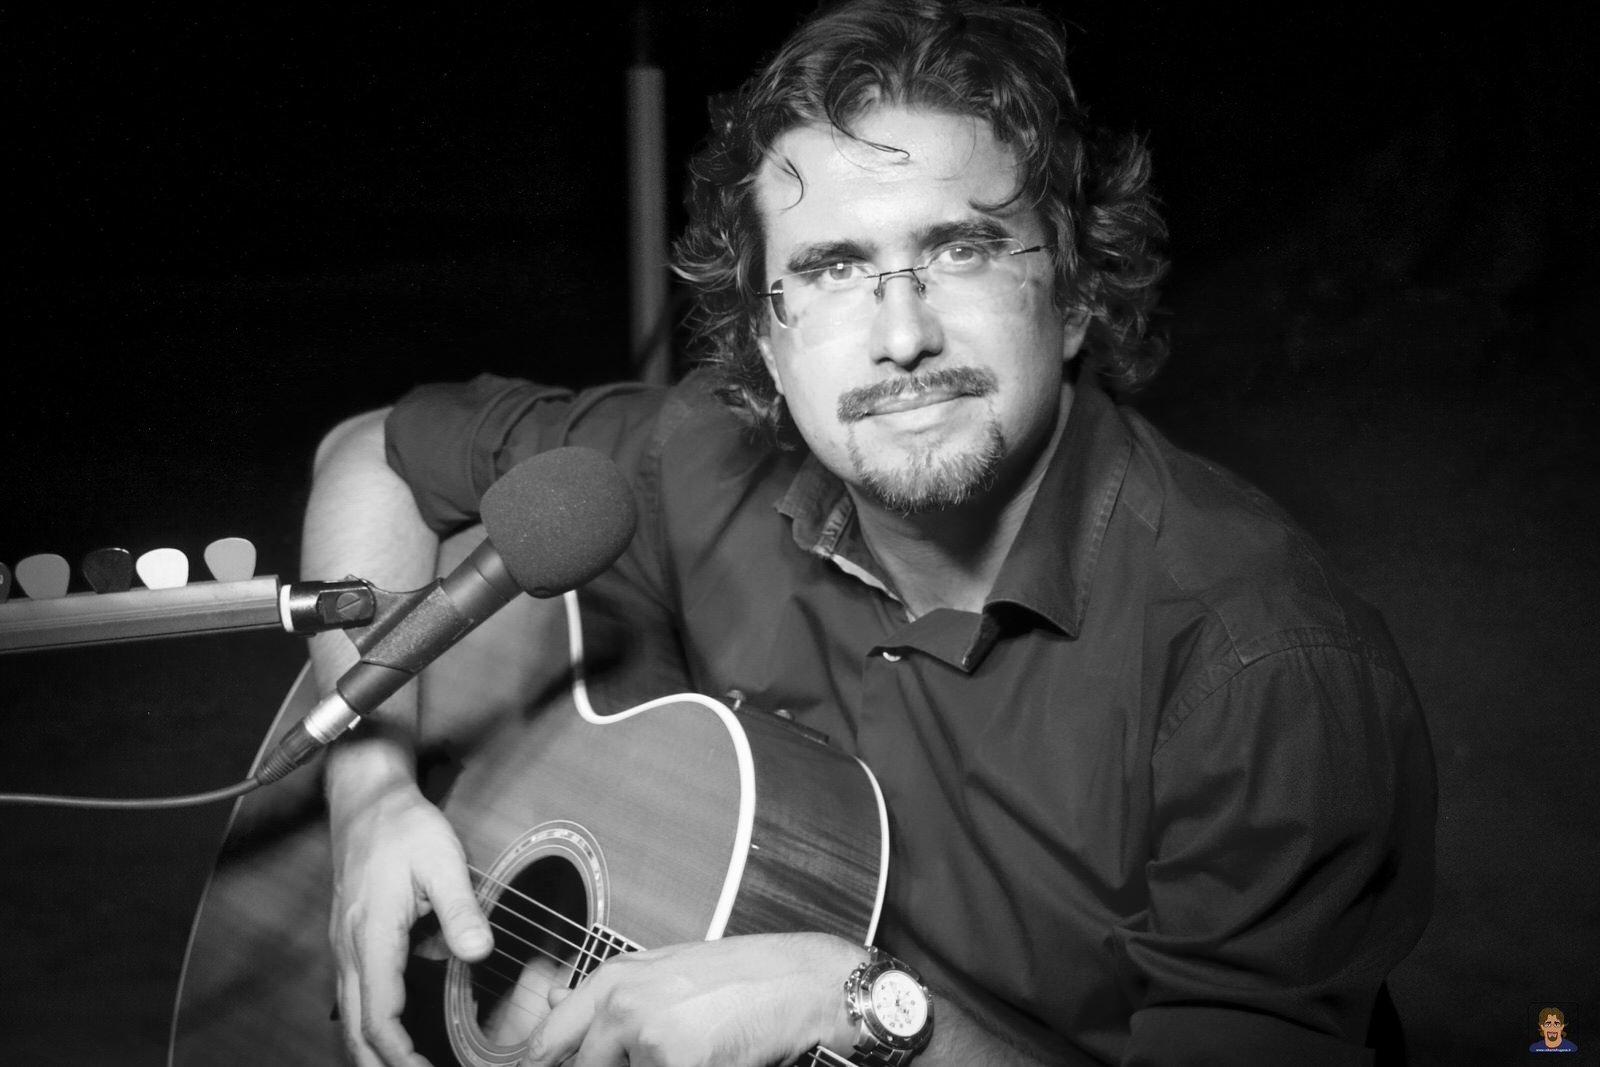 Roberto Frugone cantautore live concerto flk guitar Taylor 612-CE Cairo Montenotte